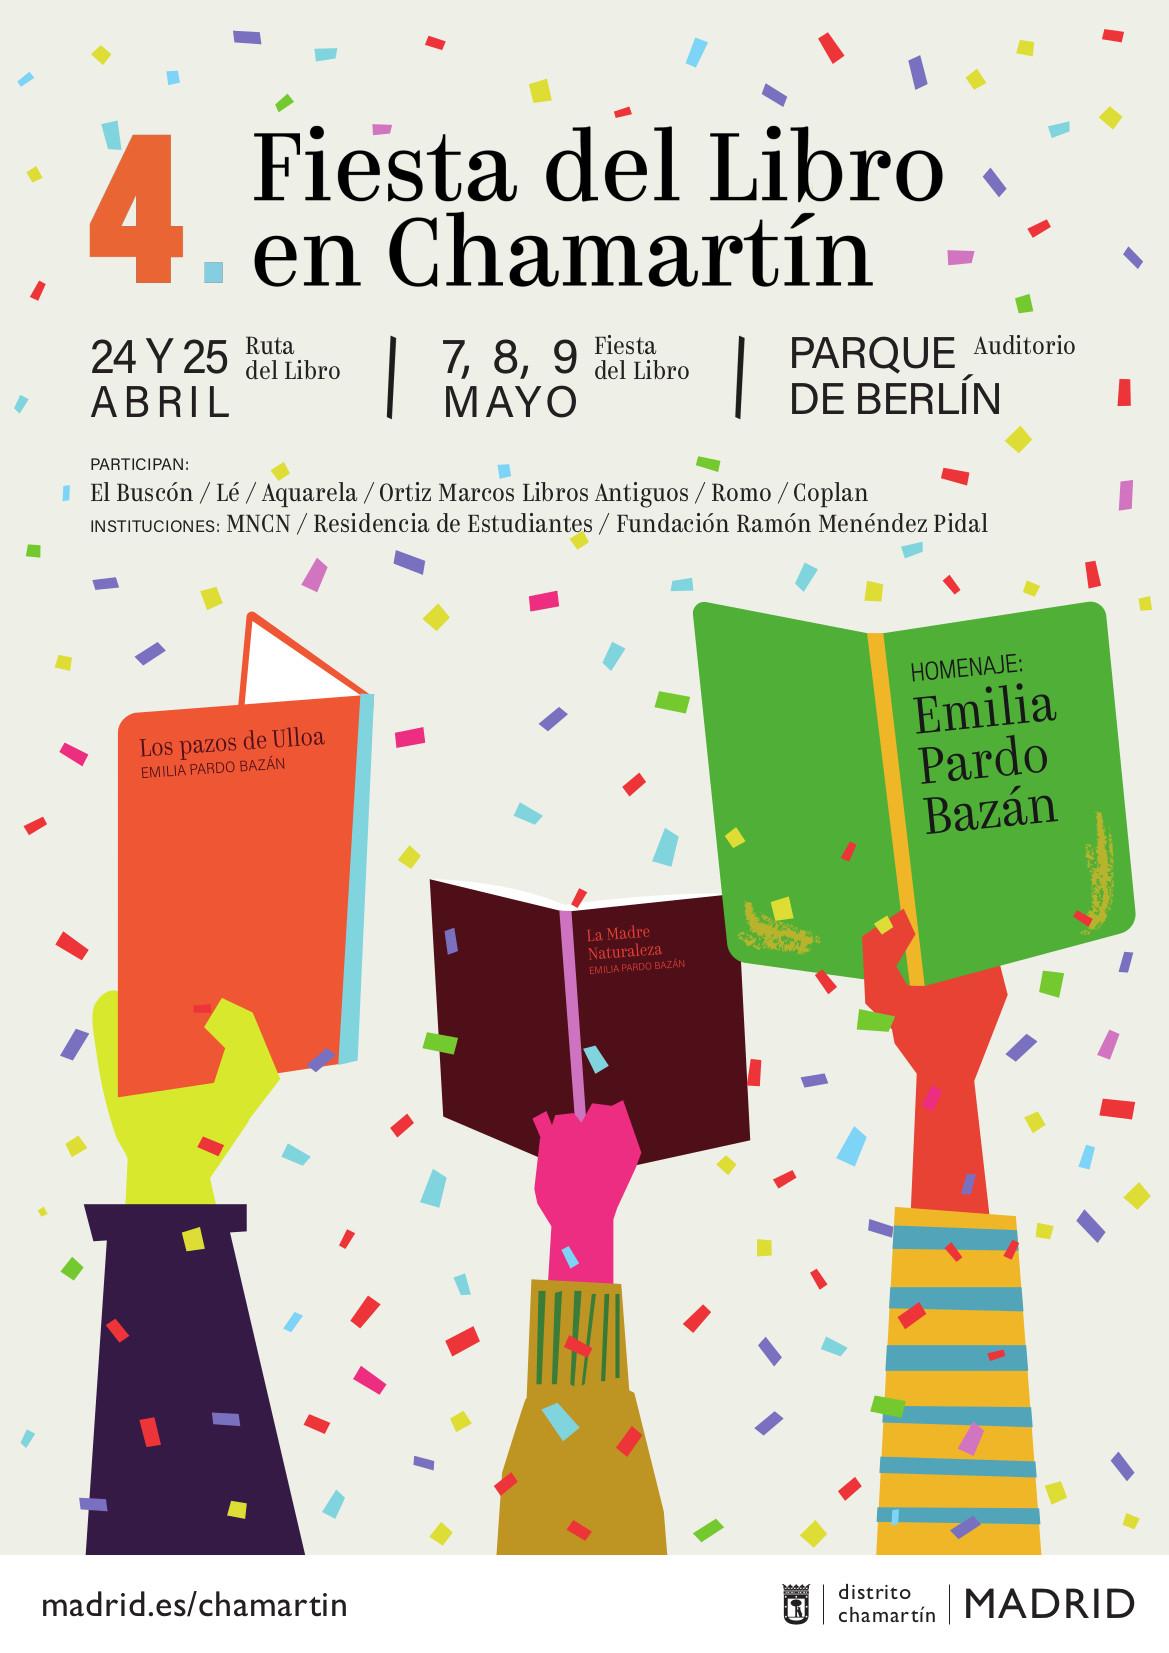 Fiesta del Libro en Chamartín